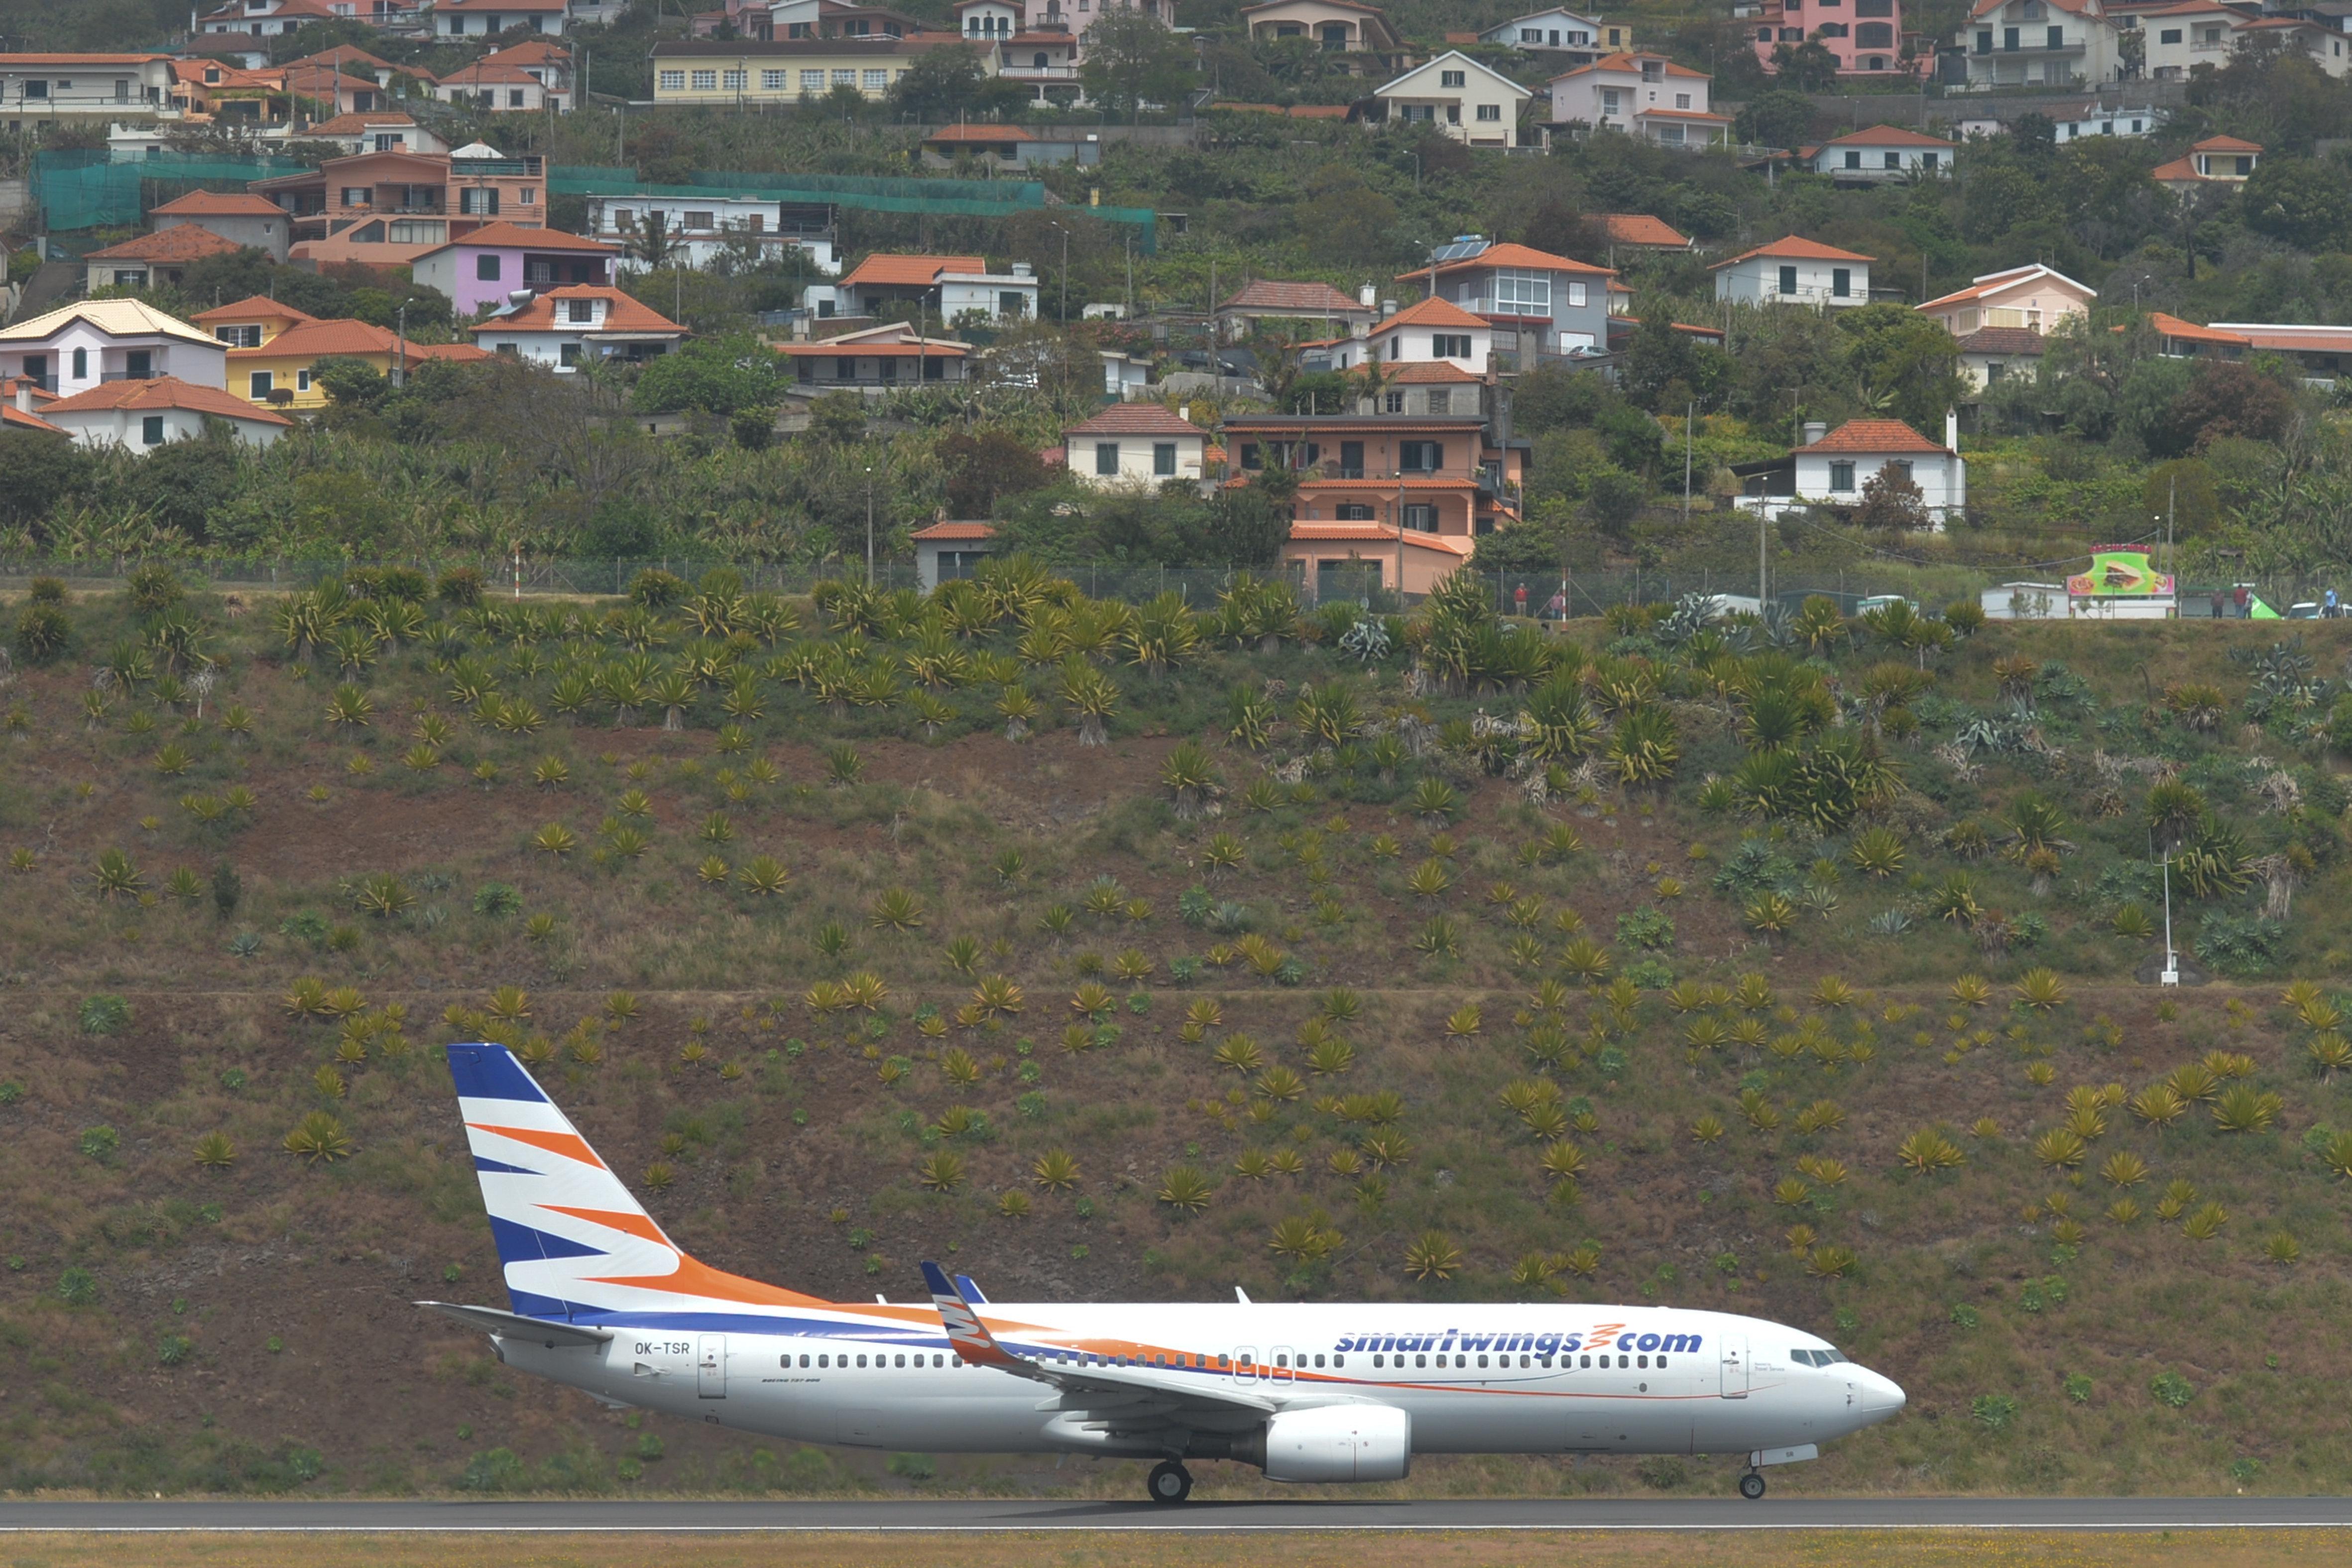 Flugzeug kommt mit 47 Passagieren von Startbahn